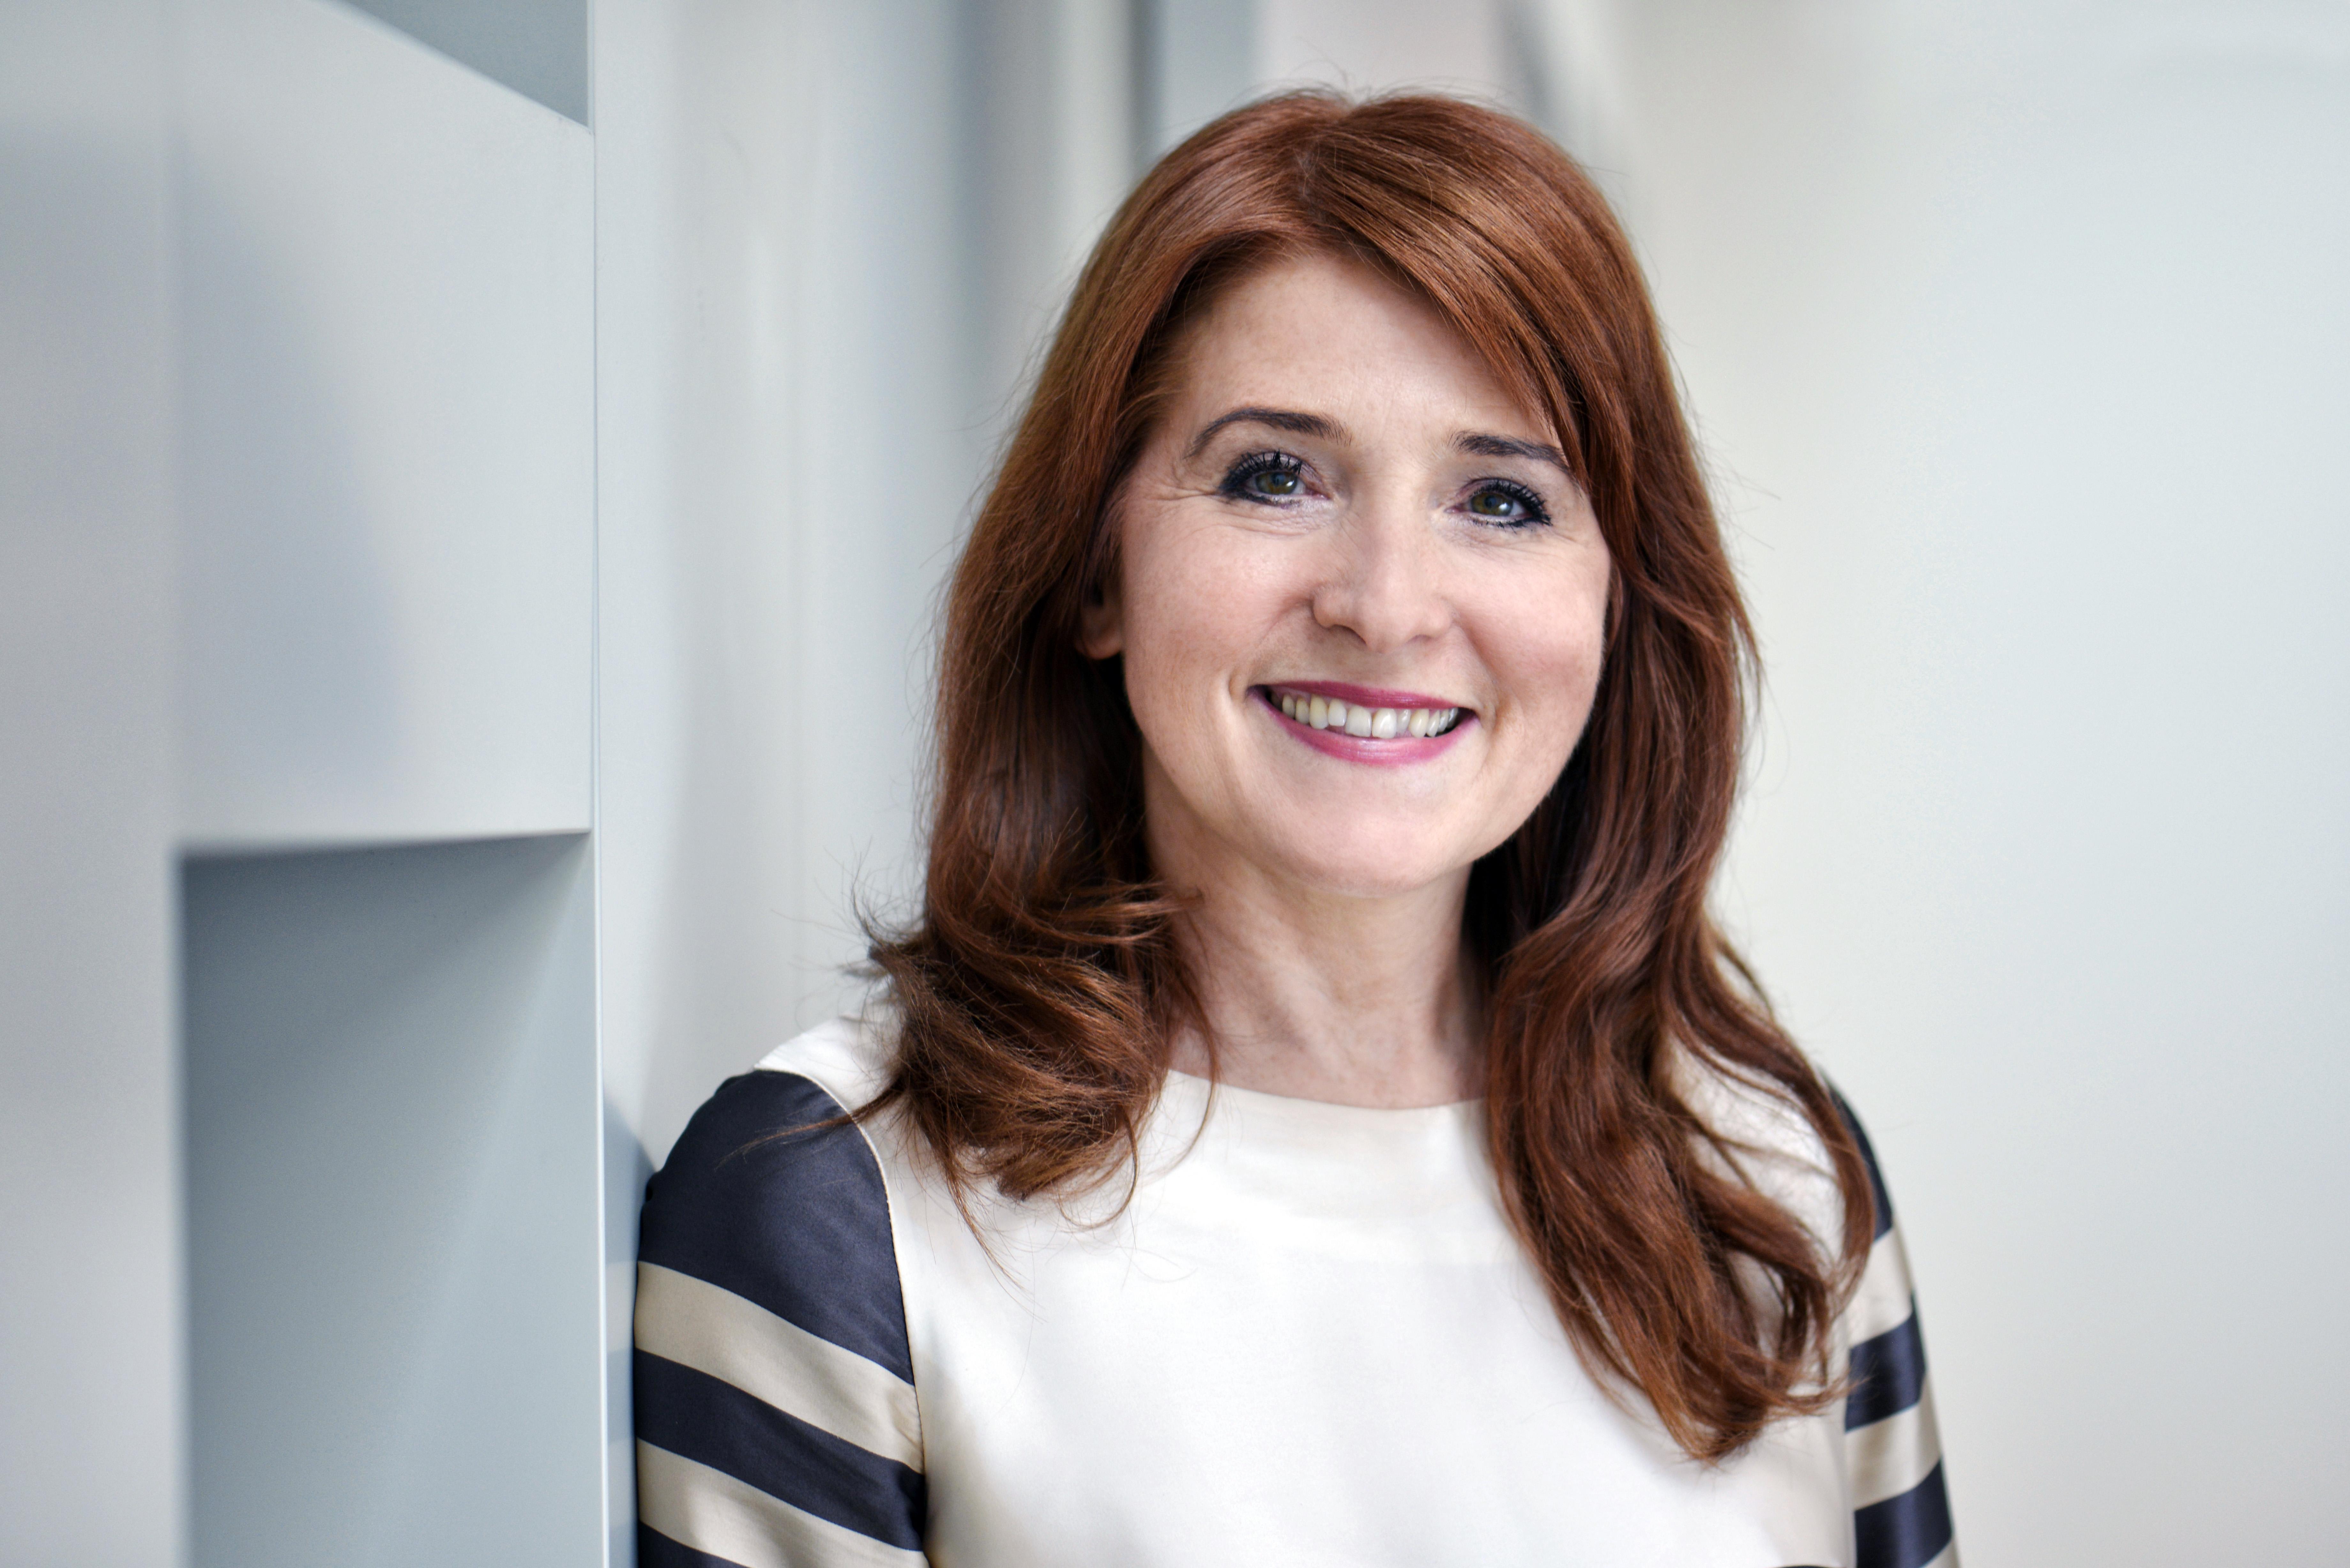 Nicole Hanisch